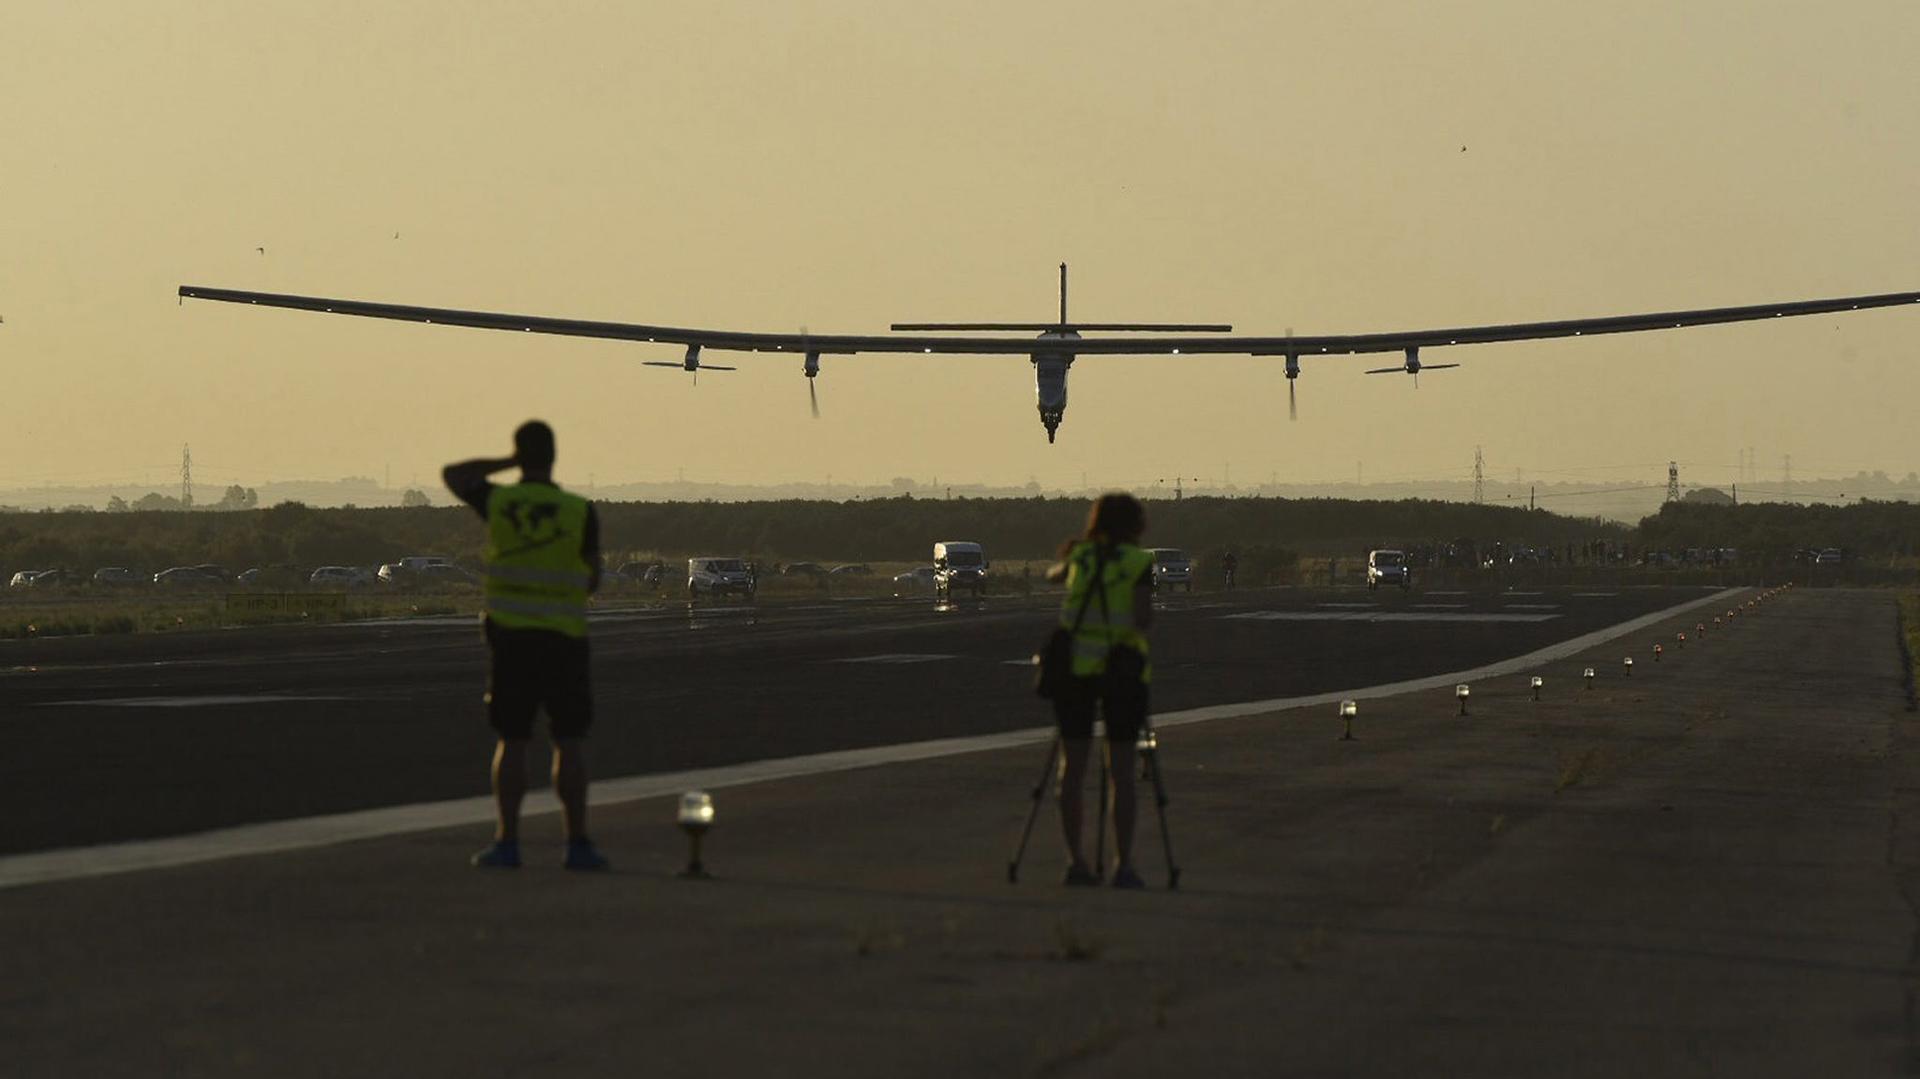 El aparato vuela día y noche sin combustible, sólo con energía solar (EFE)